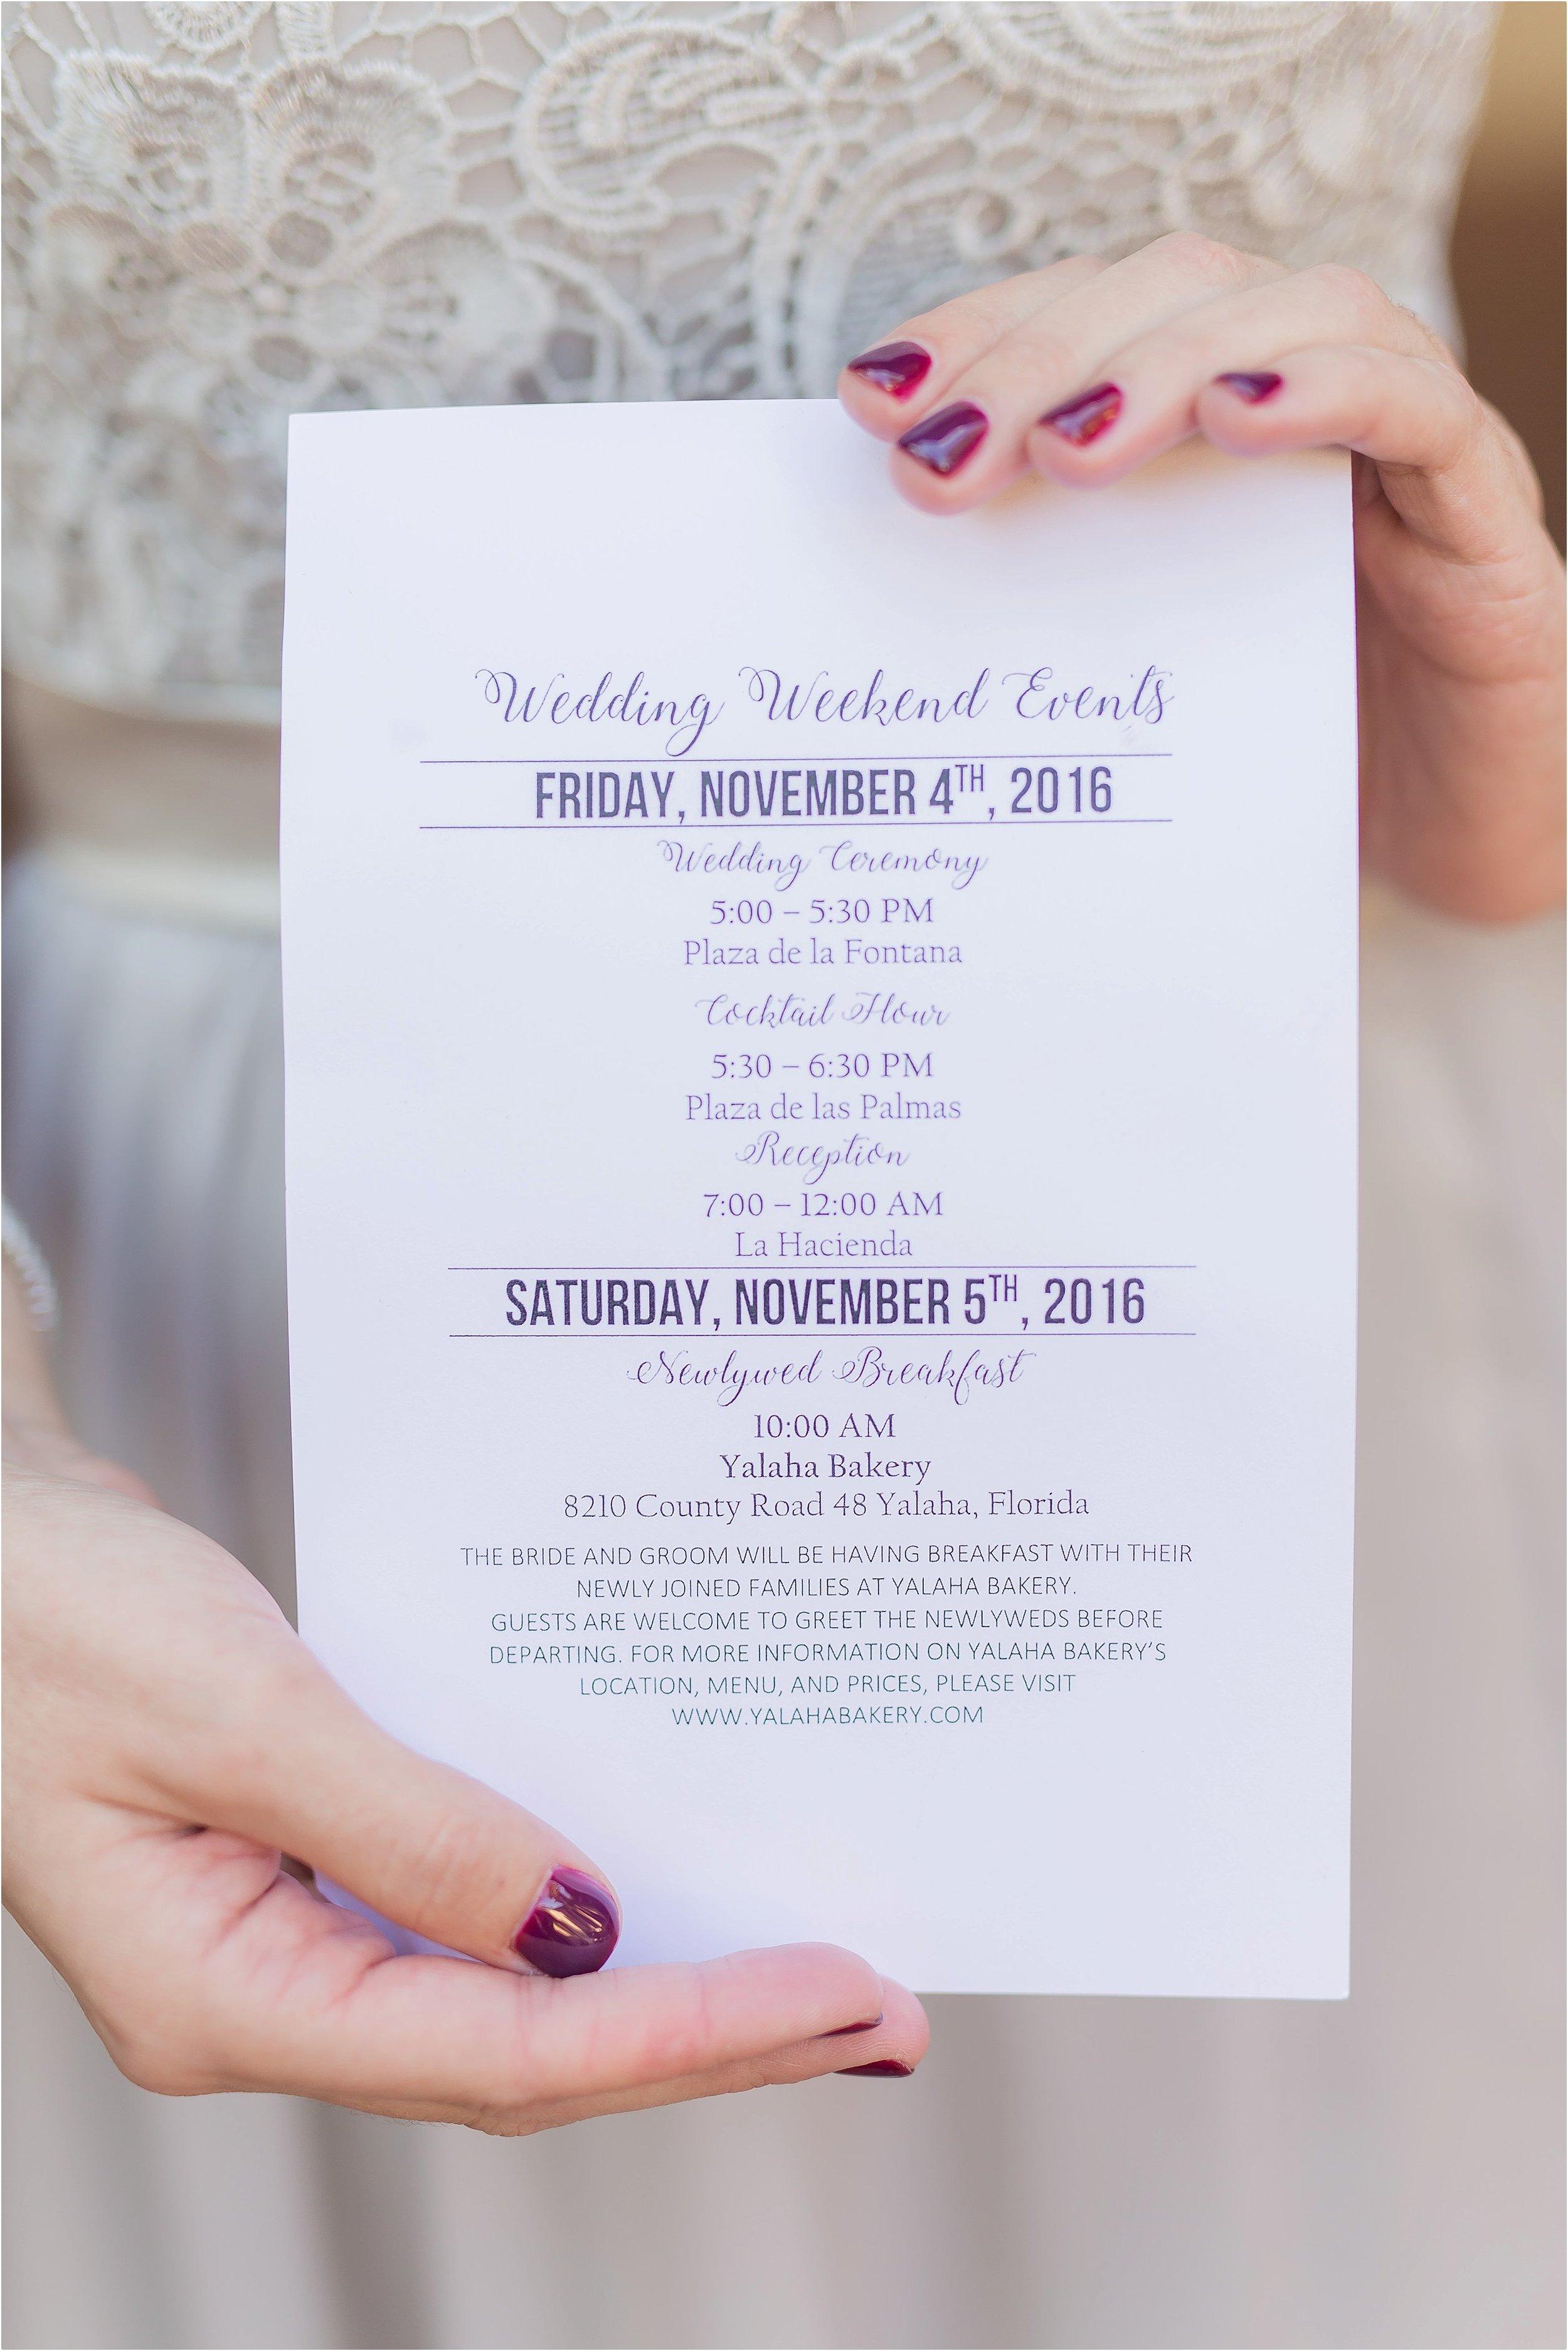 Wedding Details of Wedding Day Activities List